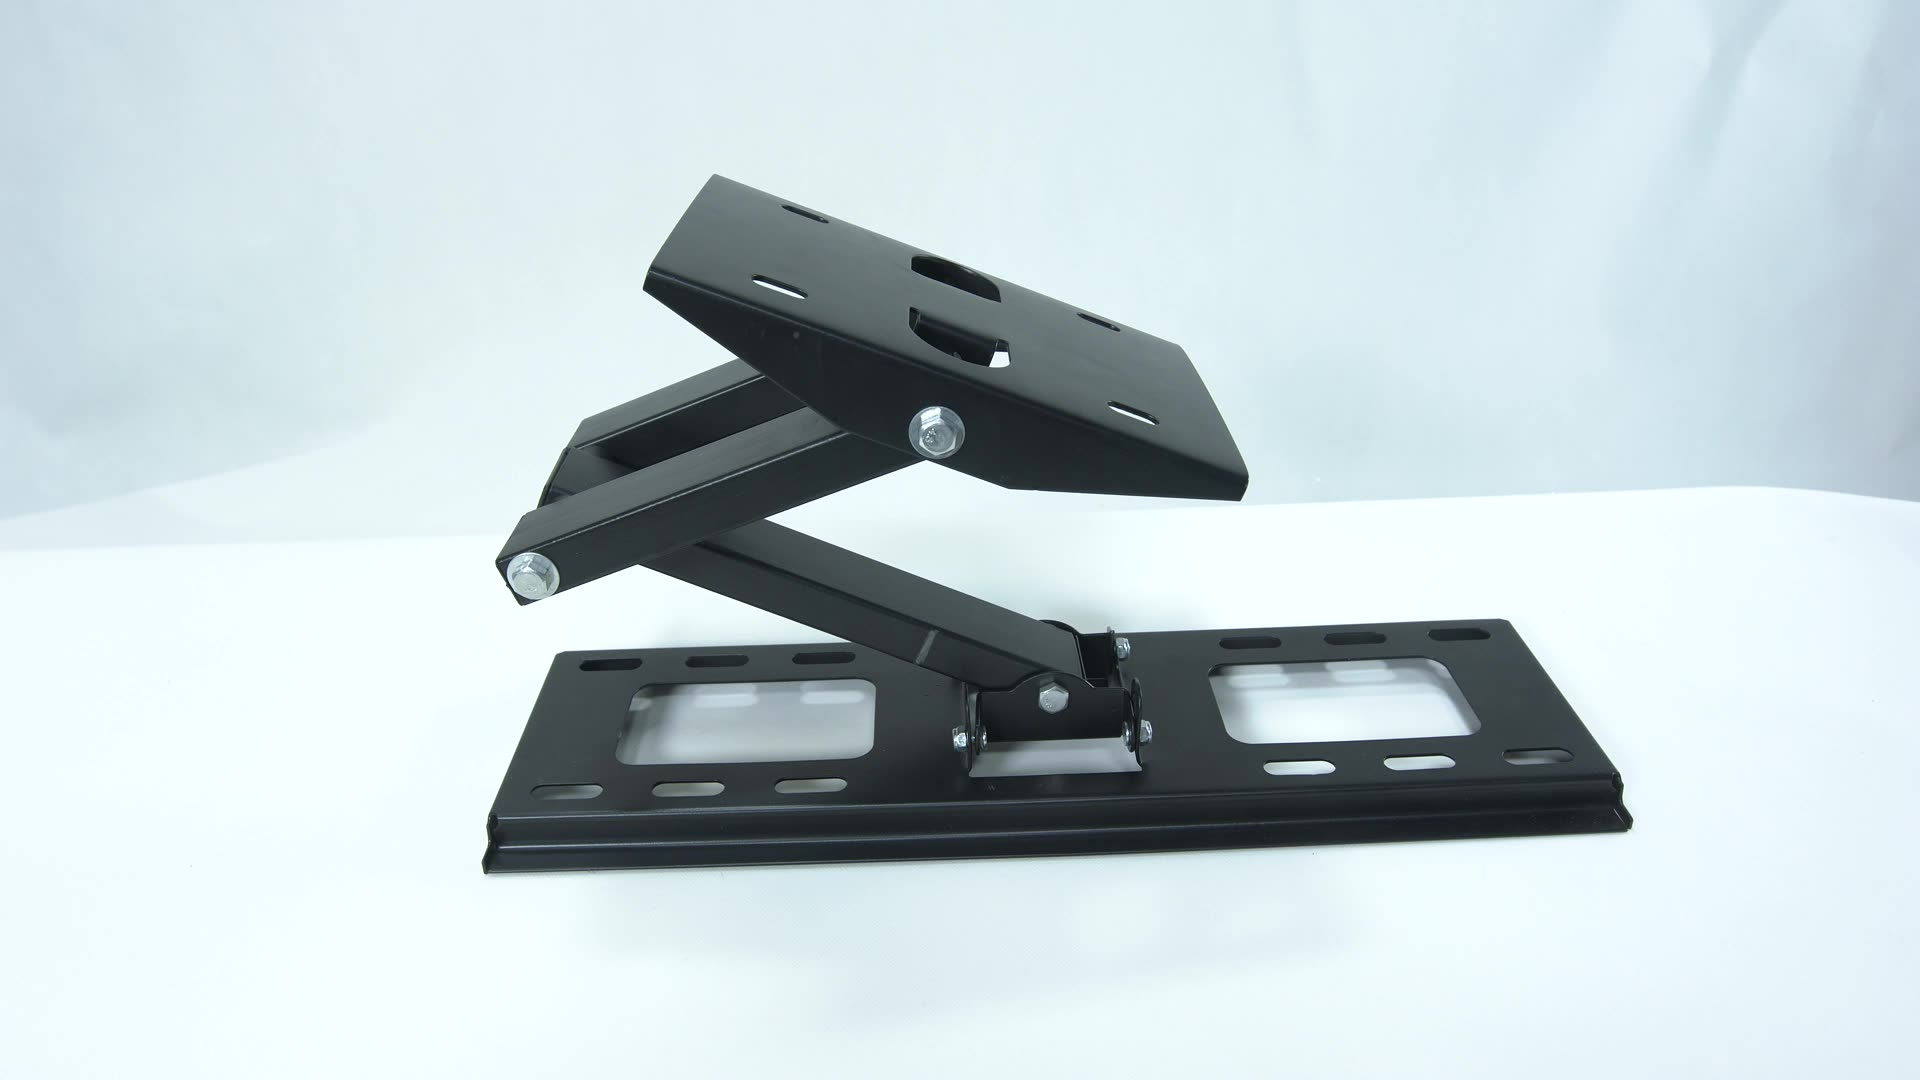 China Fabrikant Enkele Arm Full Motion Tv Muurbeugel Gemonteerd Voor 32-52 Inch